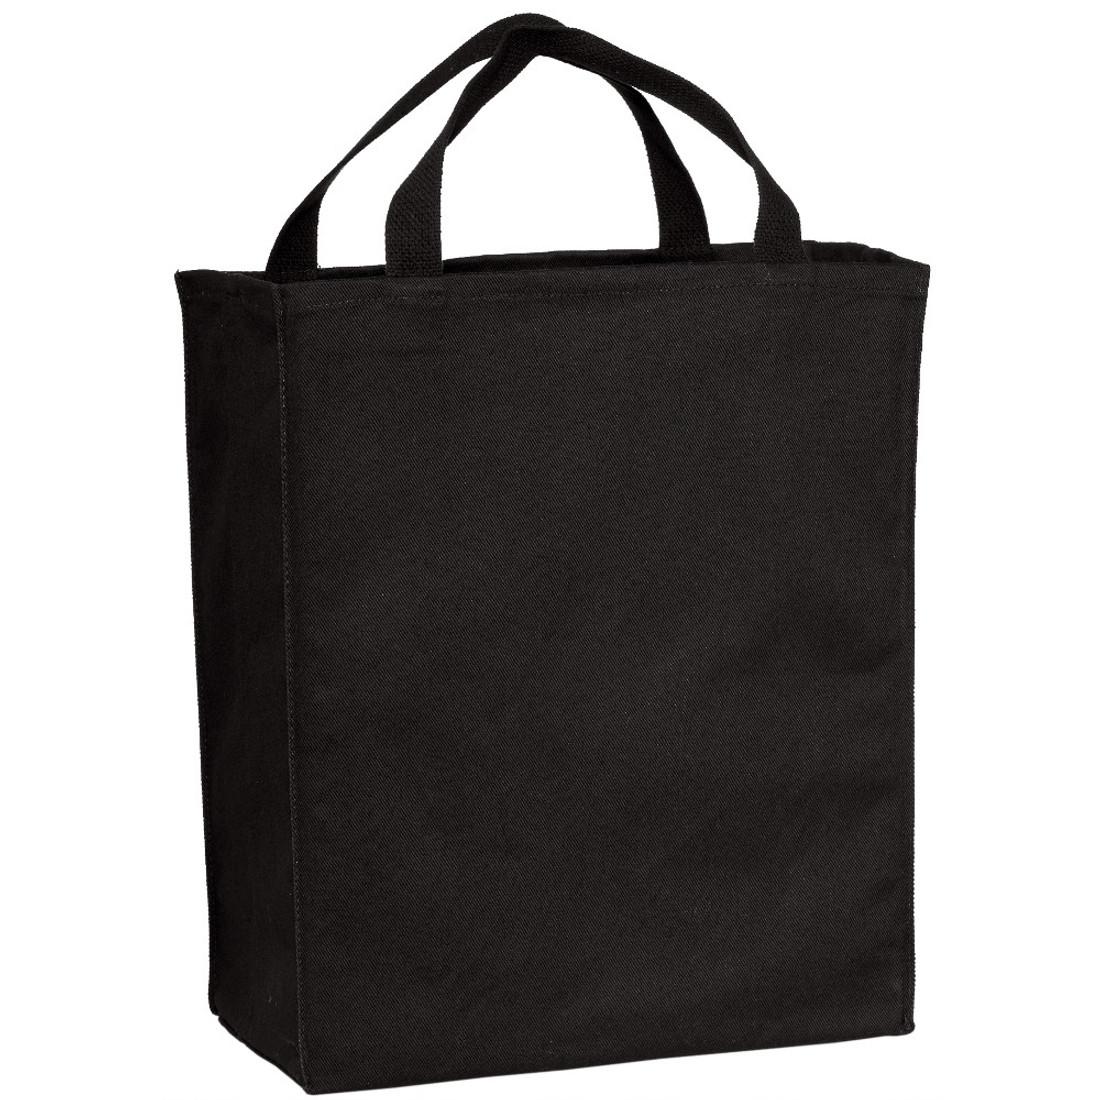 Black cotton twill tote bag.